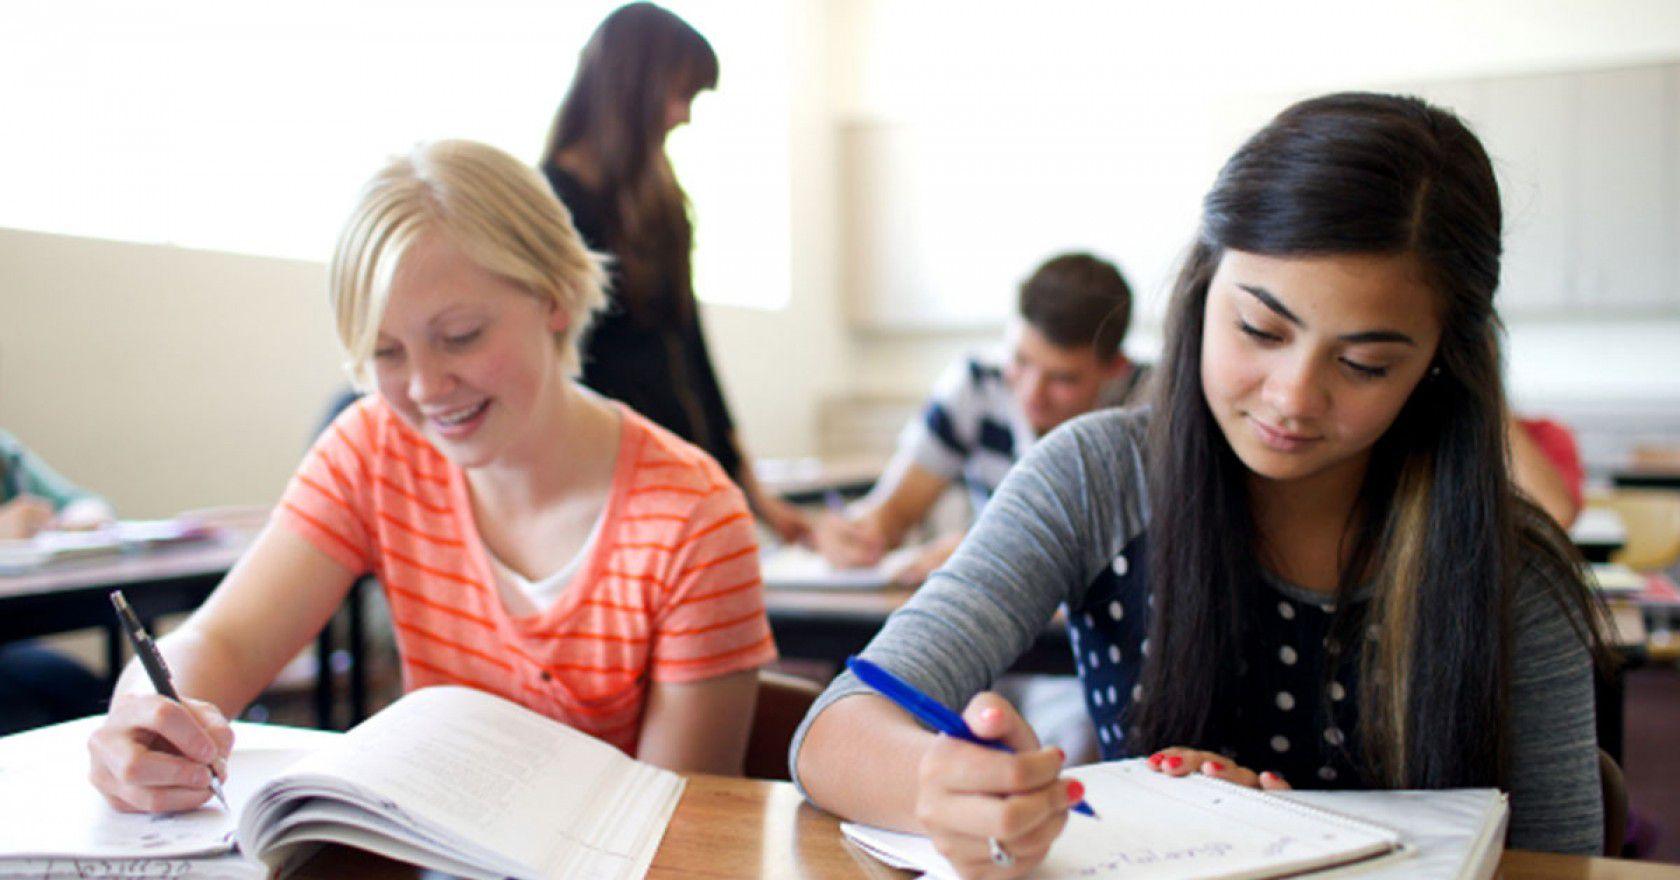 İsviçre ile Eğitimde Uluslararası İşbirlikleri Nelerdir?